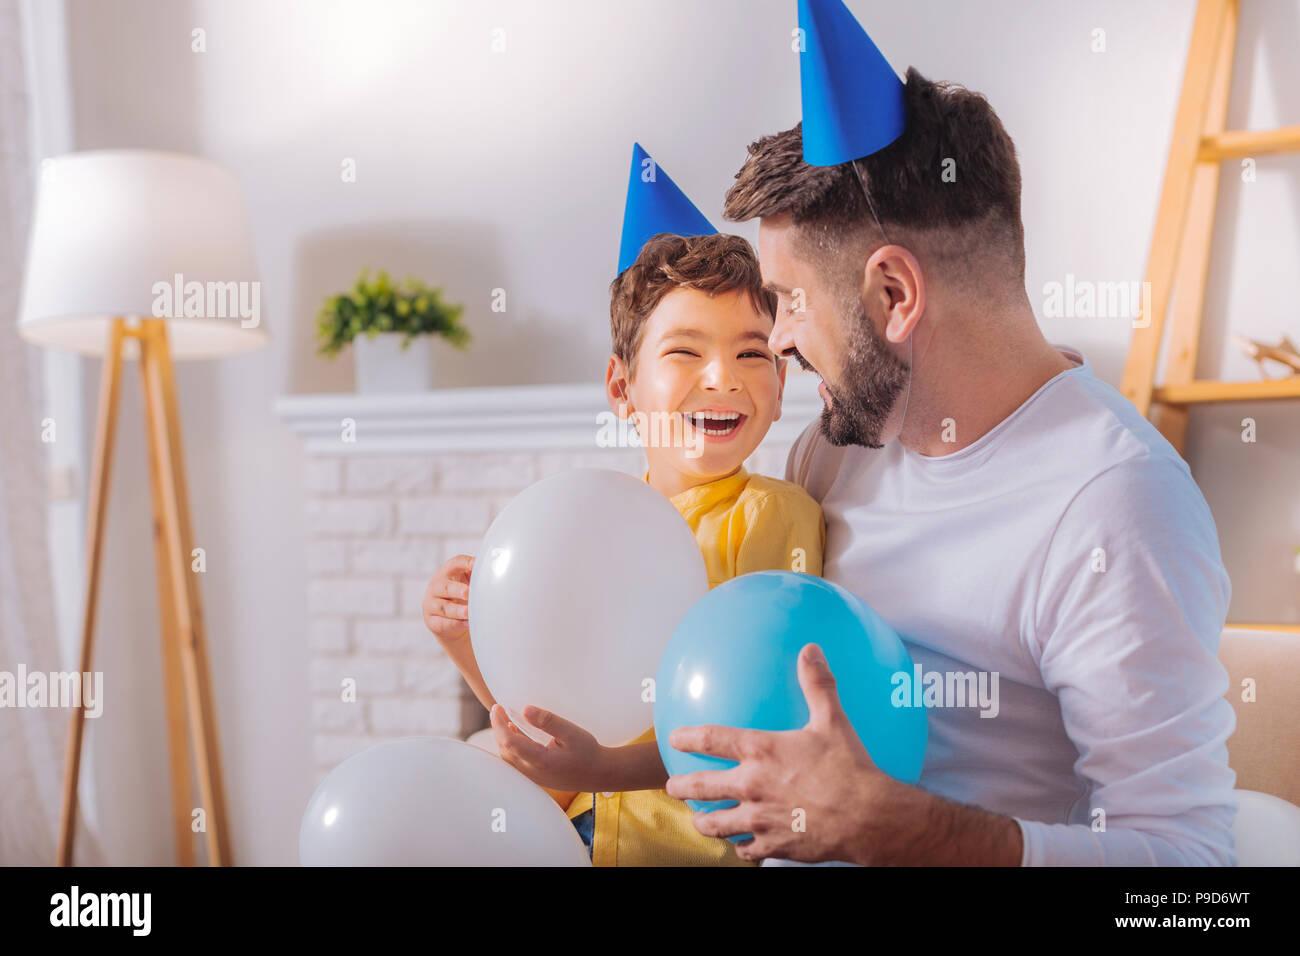 Bambino felice avente festa di compleanno Immagini Stock